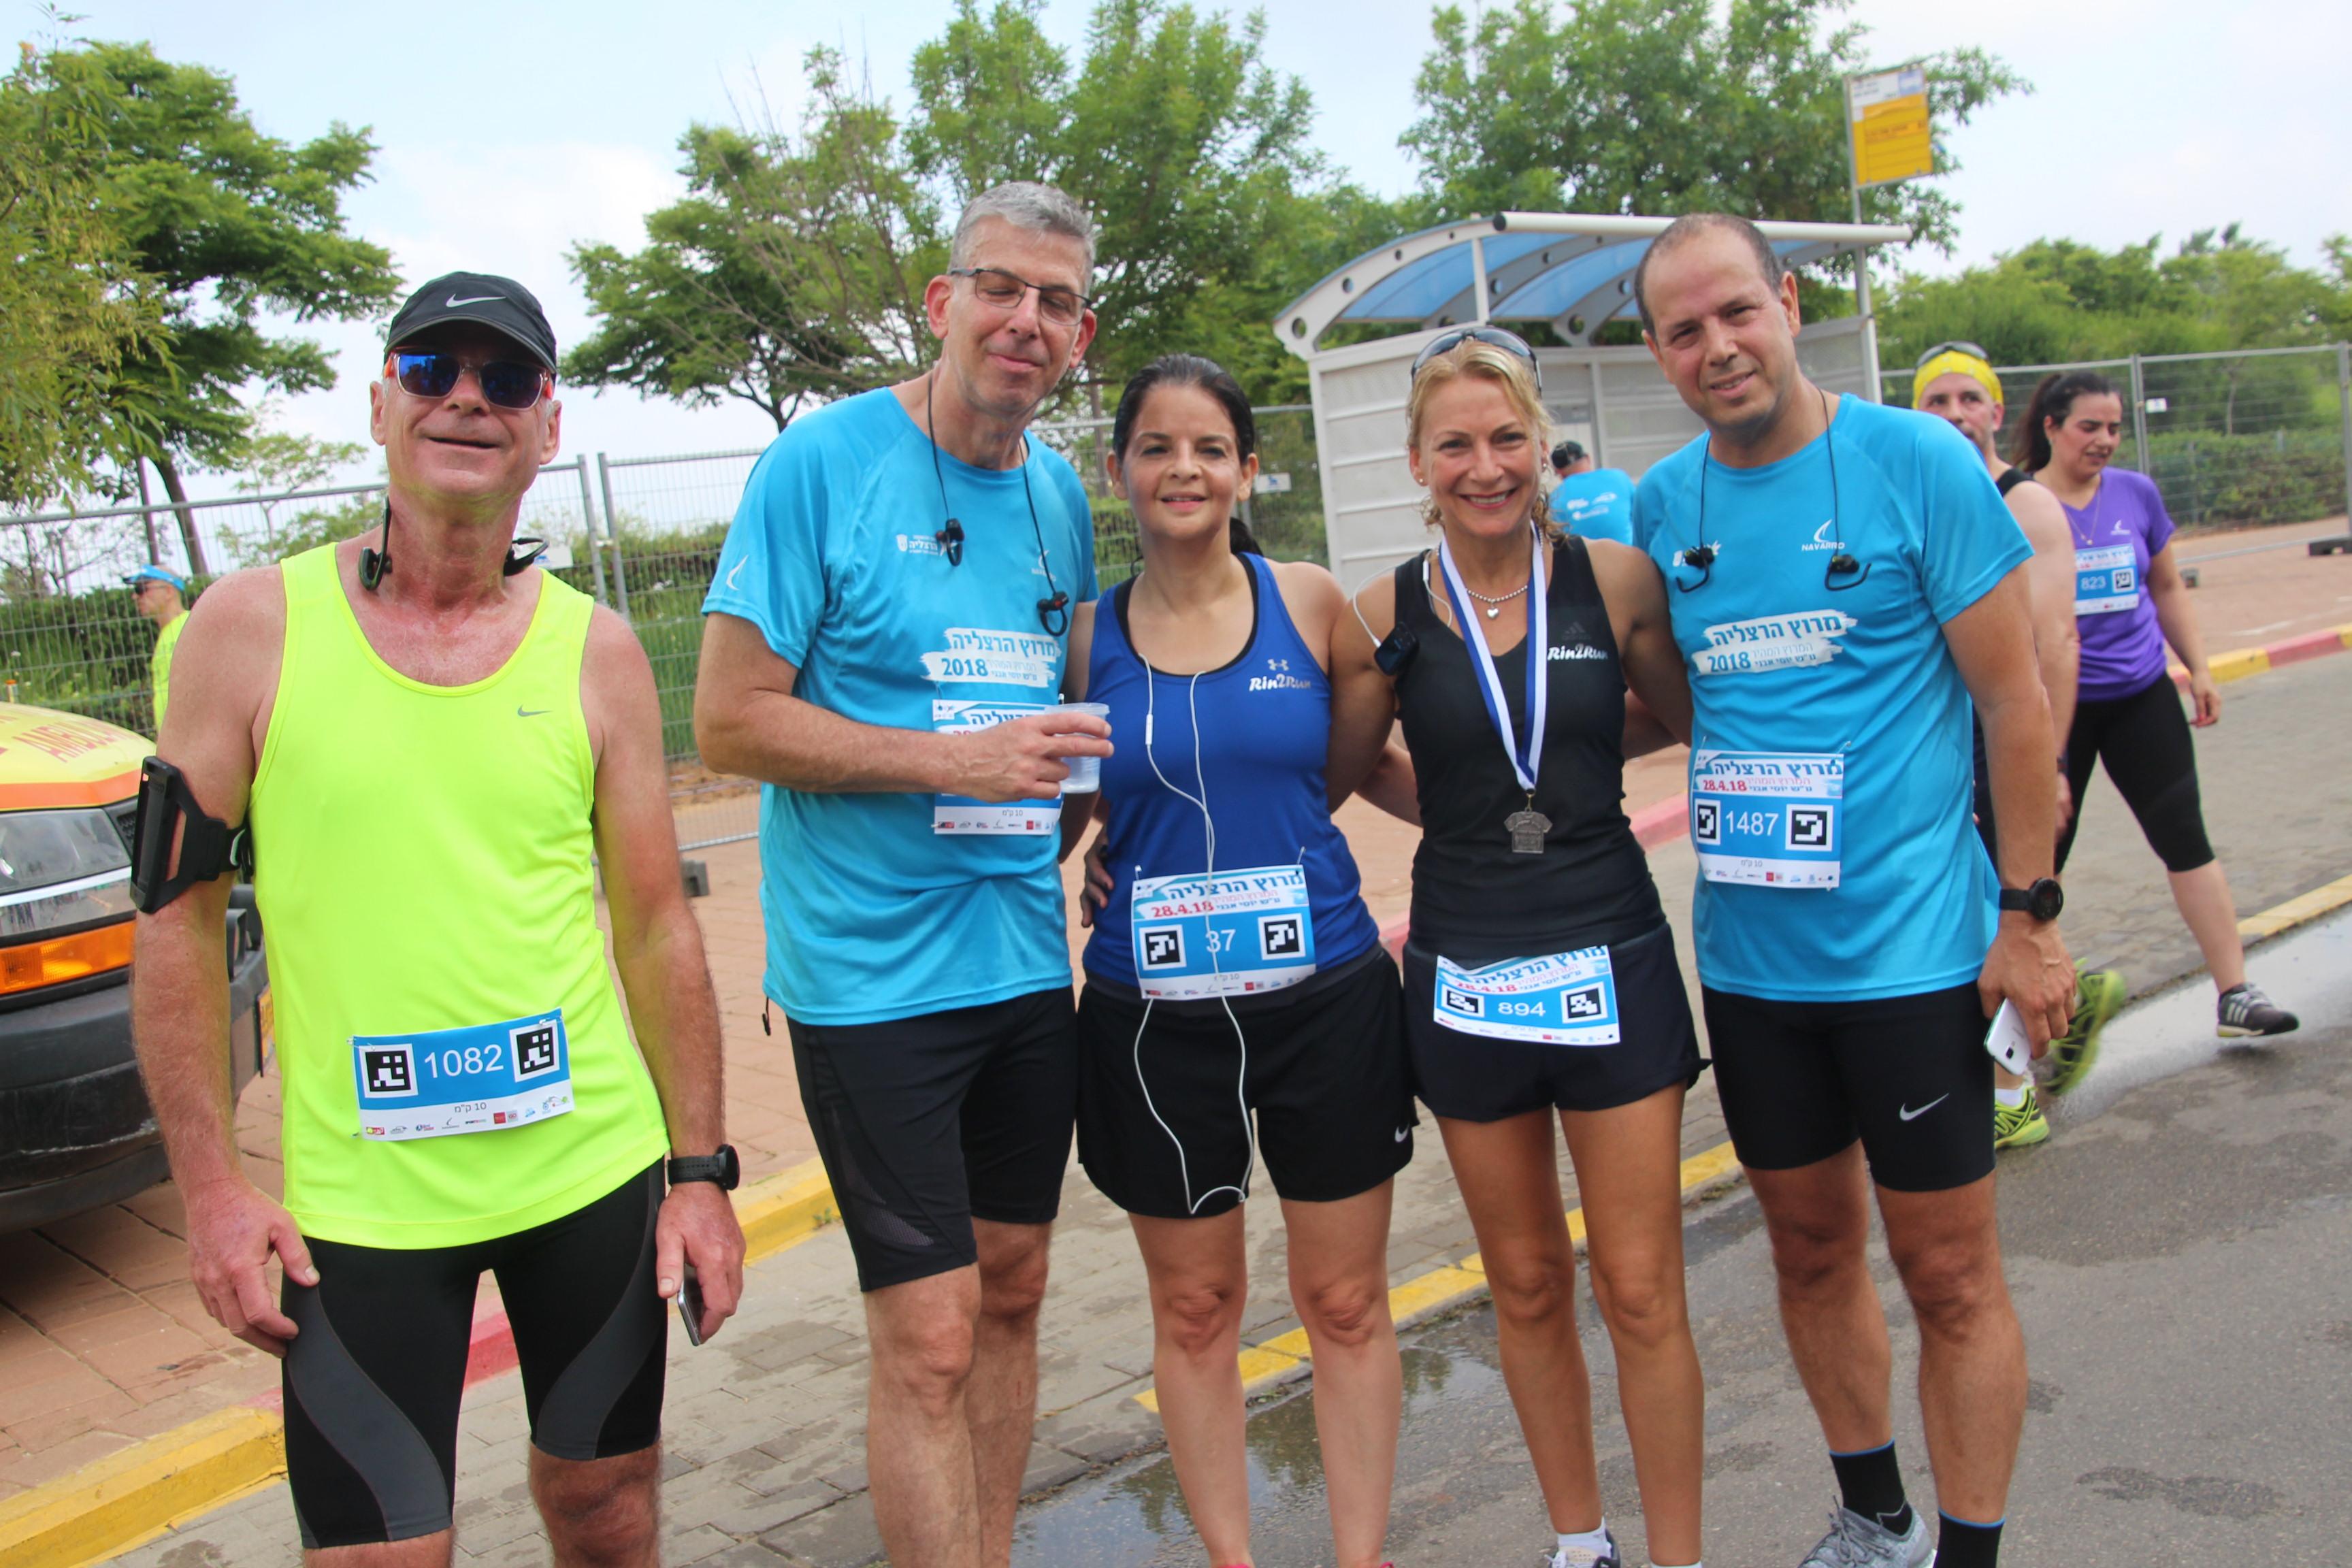 הטבות המשתתפים במרוץ הרצליה 2019